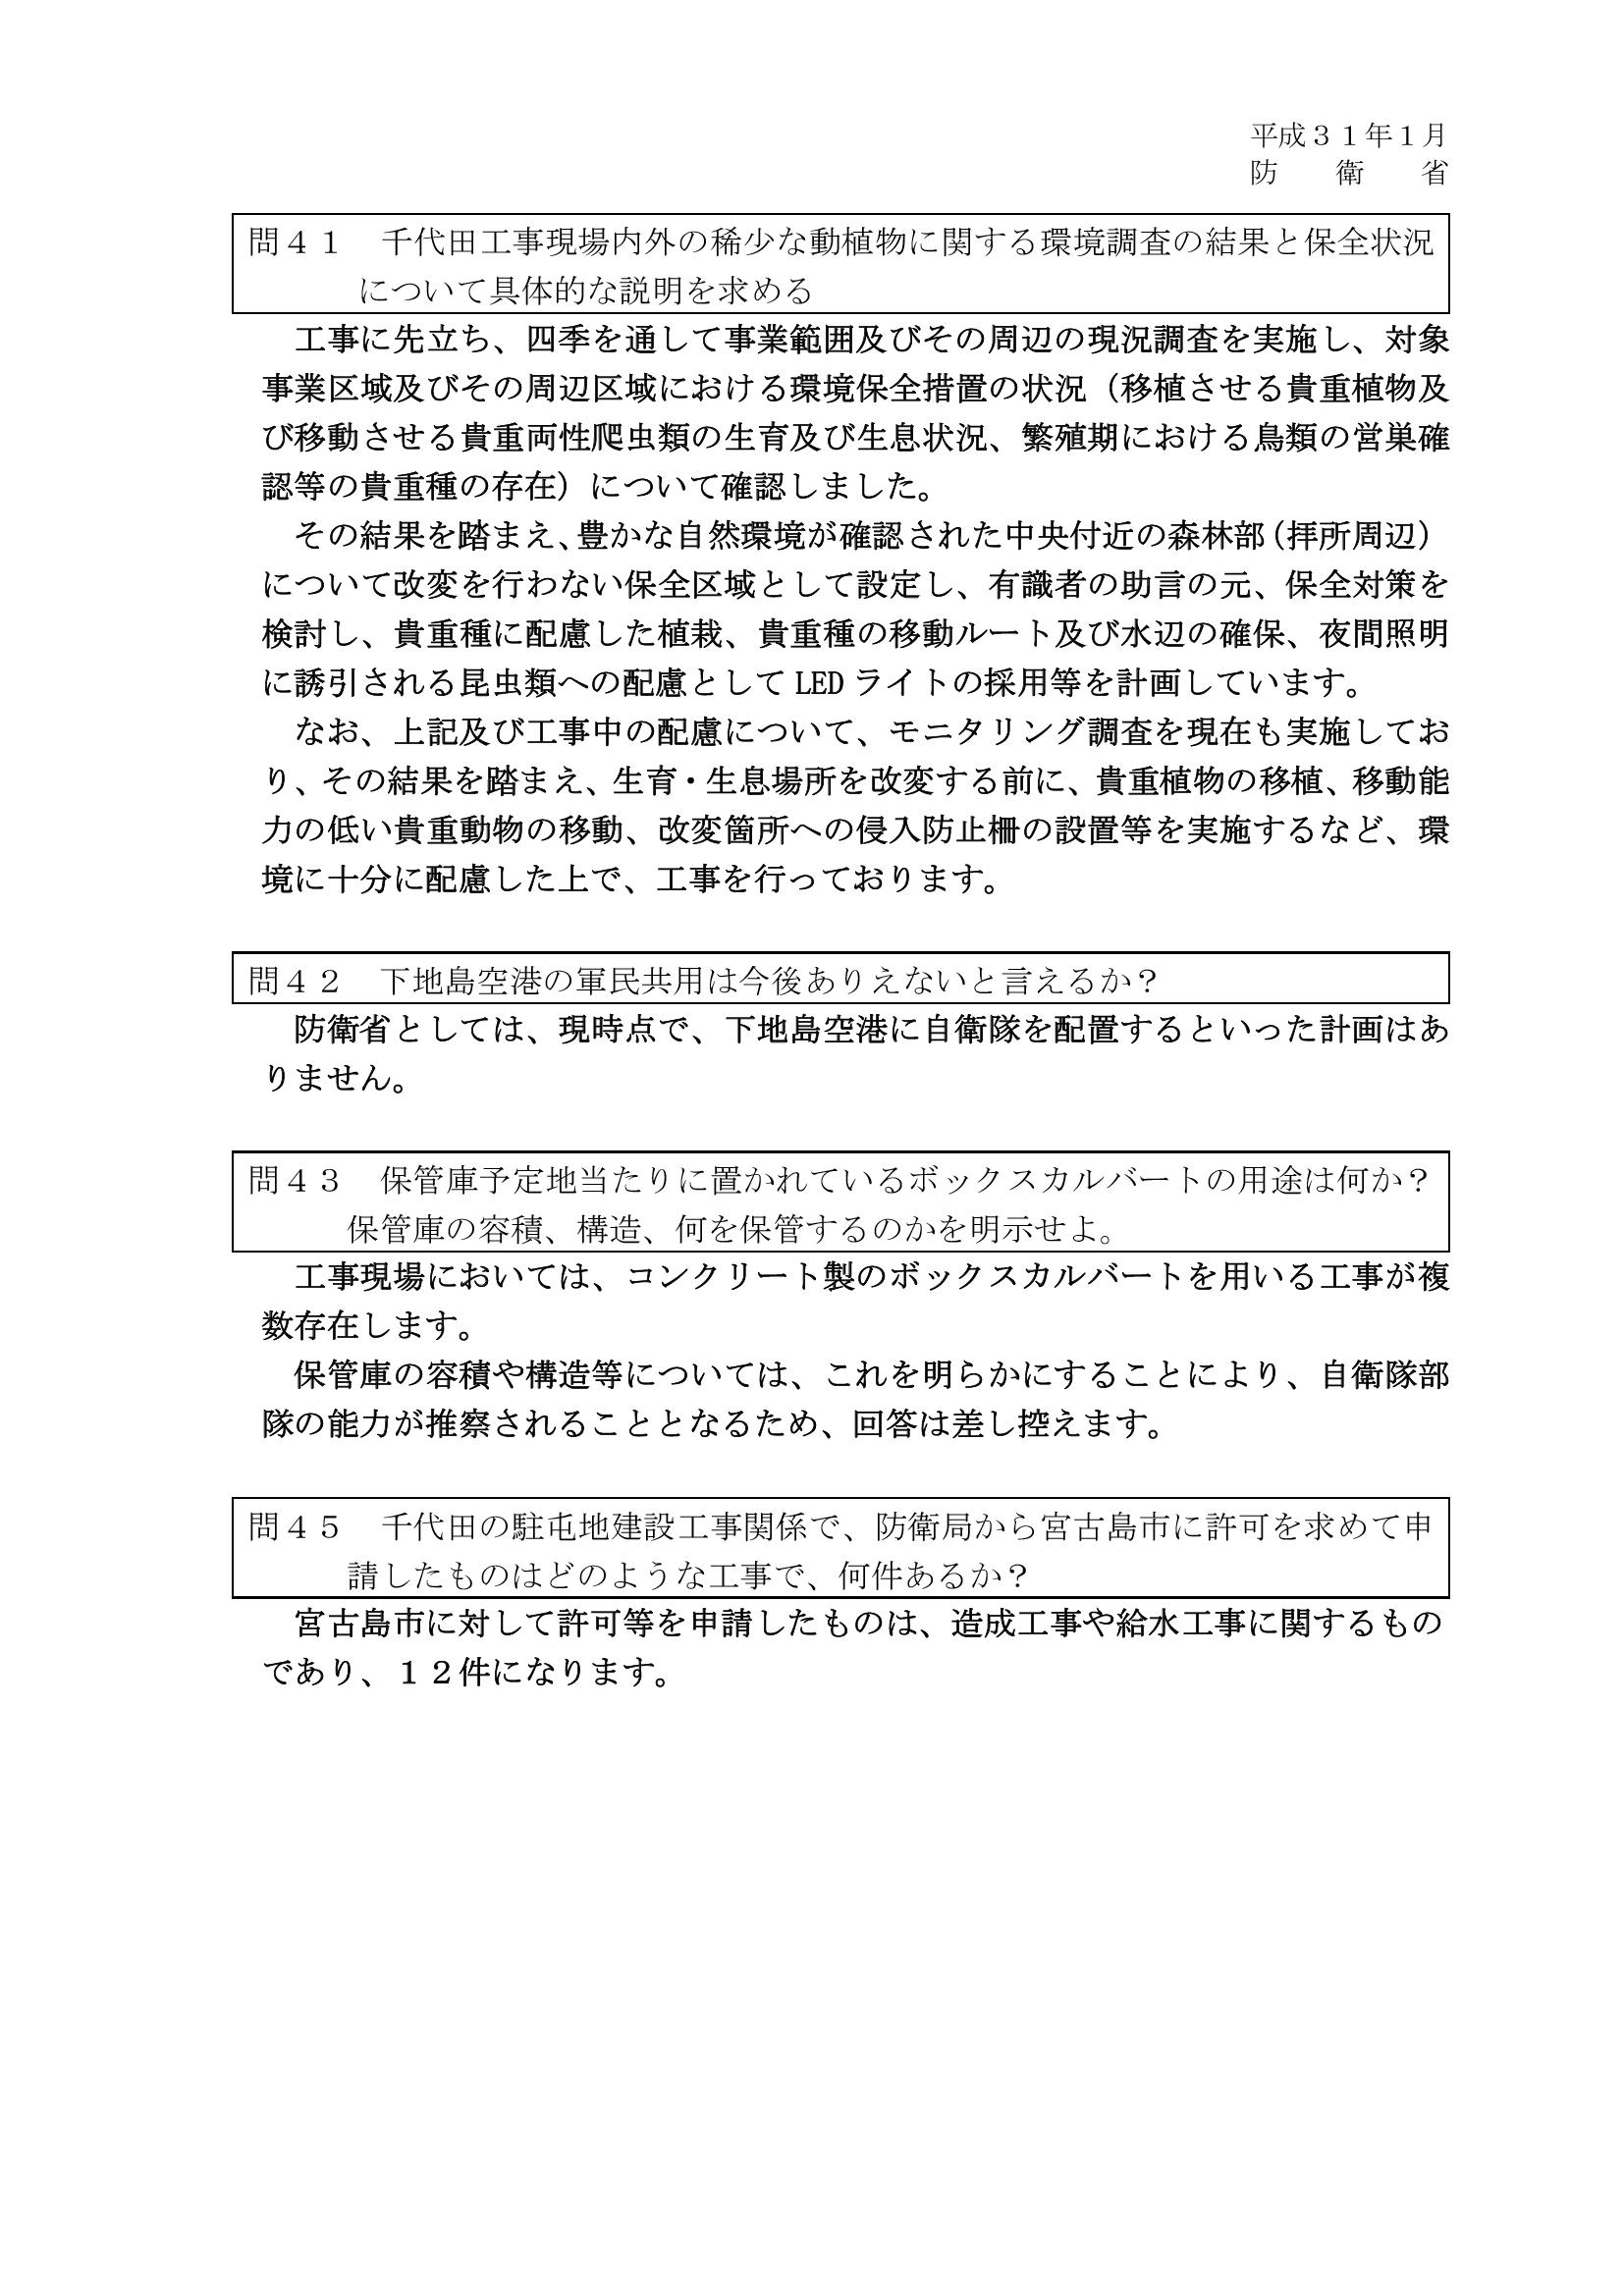 201901防衛省回答0010